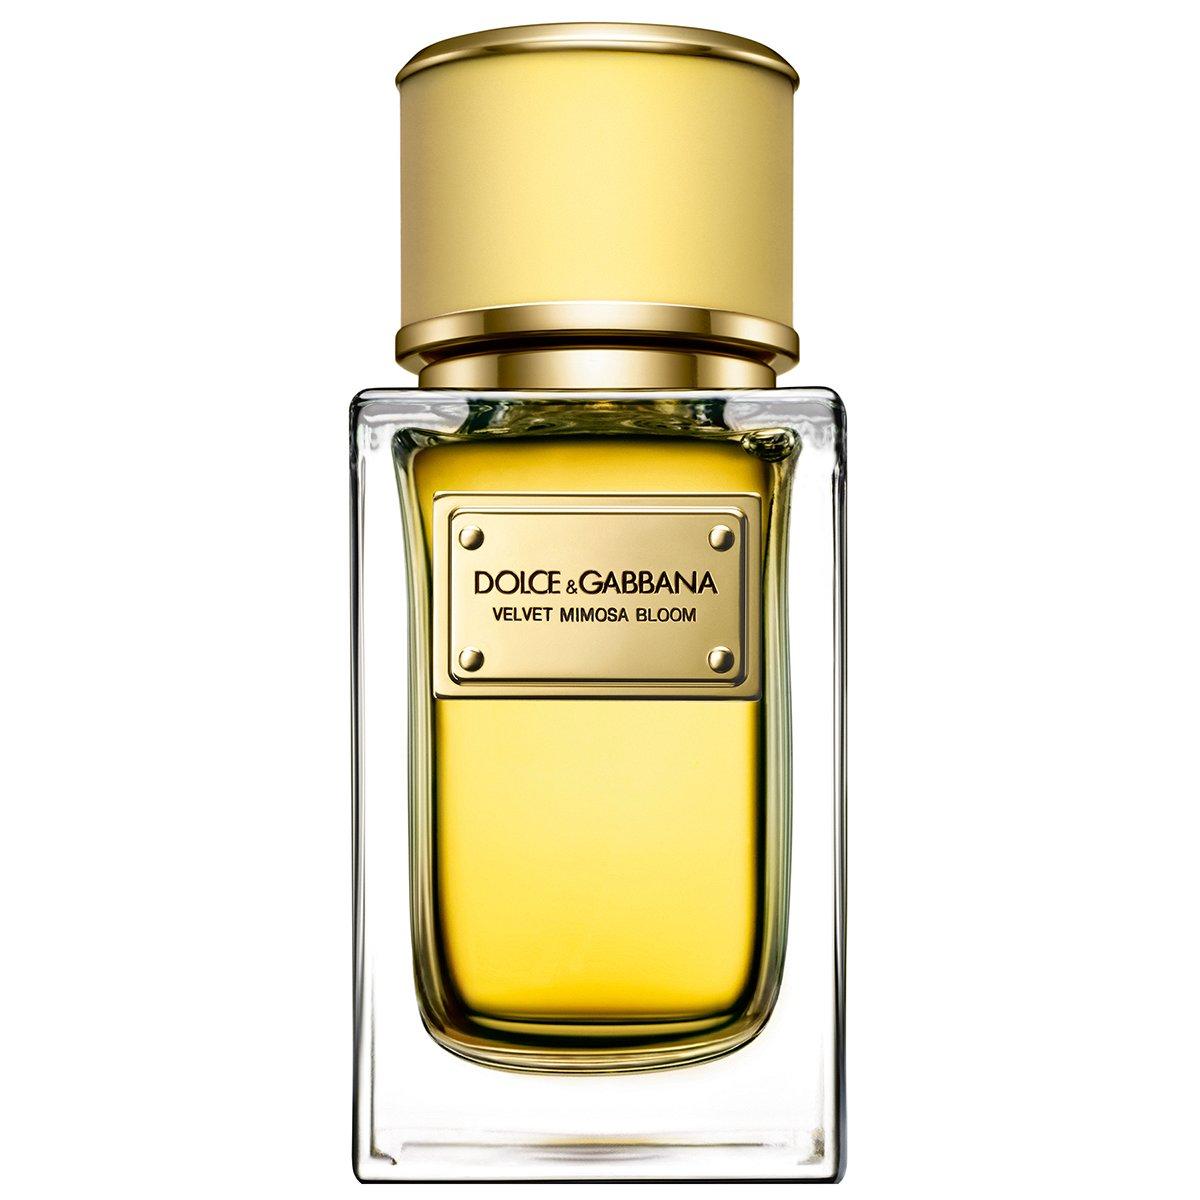 Velvet Mimosa BloomDolce And Gabbana<br>Год выпуска: 2015 Производство: Великобритания Семейство: цветочные Верхние ноты:  Бергамот, мандарин, Нероли, Абсолют мимозы, Лист фиалки, Нарцисс Velvet Mimosa Bloom от Dolce And Gabbana - это аромат для женщин, принадлежит к группе ароматов цветочные. Этот аромат, Velvet Mimosa Bloom выпущен в 2015 году. Композиция аромата включает ноты: Бергамот, мандарин, Нероли, абсолют мимозы, Лист фиалки и Нарцисс.&amp;nbsp;&amp;nbsp; &amp;nbsp;<br><br>Линейка: Velvet Mimosa Bloom<br>Объем мл: 150<br>Пол: Женский<br>Аромат: цветочные<br>Ноты: Бергамот, мандарин, Нероли, Абсолют мимозы, Лист фиалки, Нарцисс<br>Тип: парфюмерная вода<br>Тестер: нет